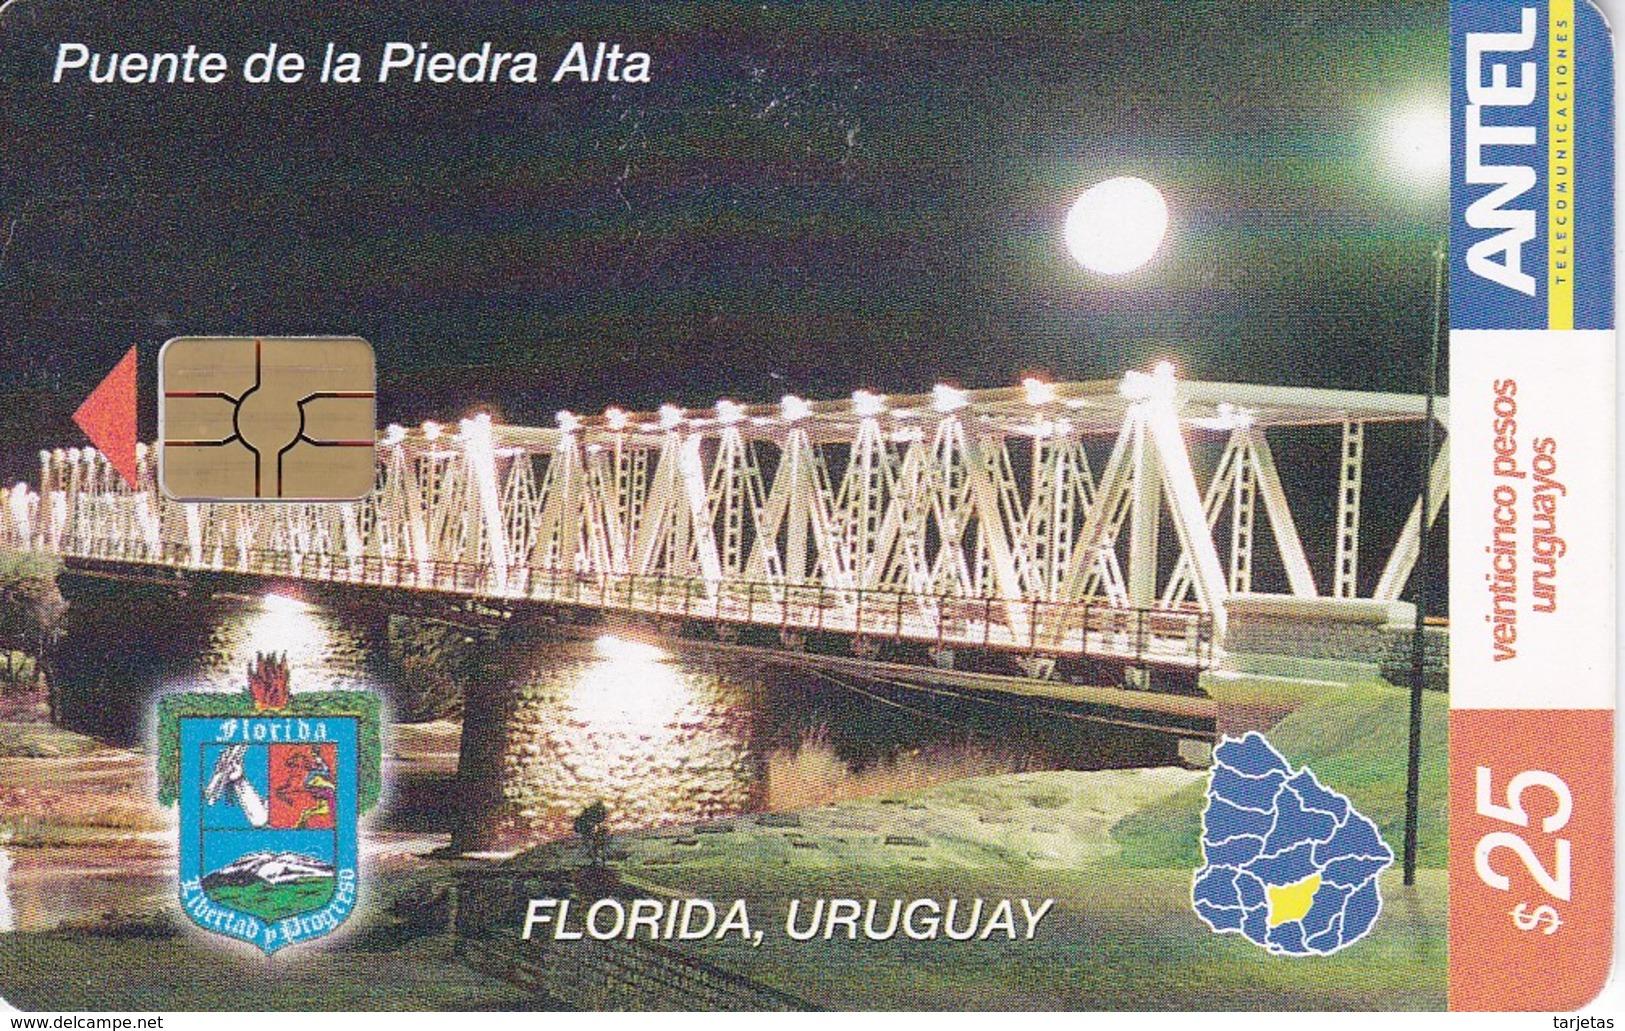 Nº 280 TARJETA DE URUGUAY DEL PUENTE DE LA PIEDRA ALTA EN FLORIDA - Uruguay